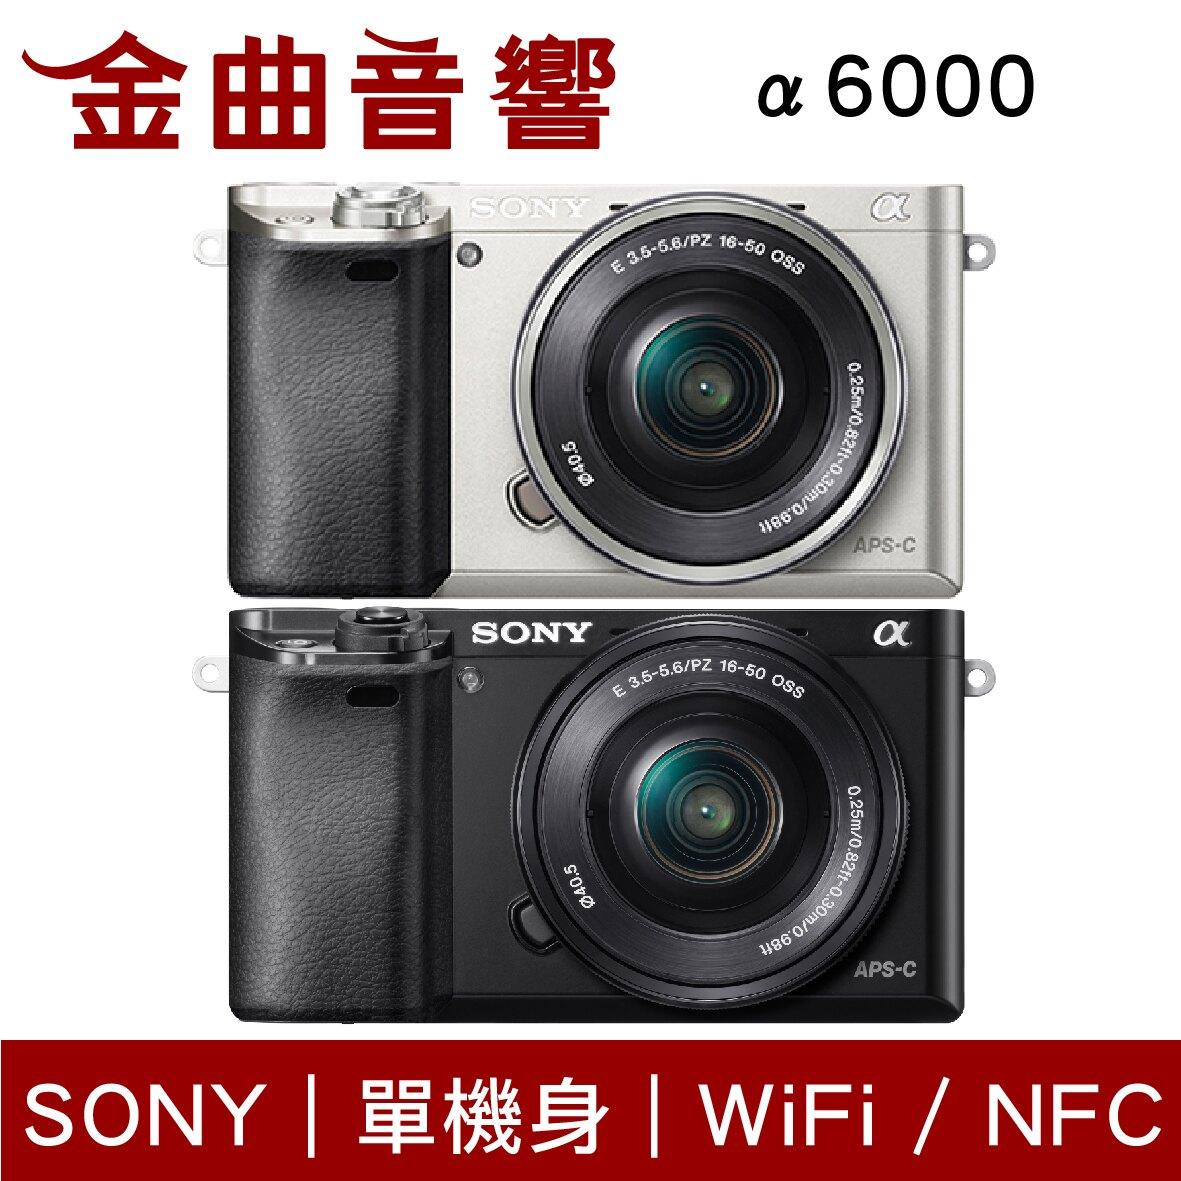 SONY 索尼 α6000 銀色 ILCE-6000 單機身 數位單眼相機 a6000   金曲音響